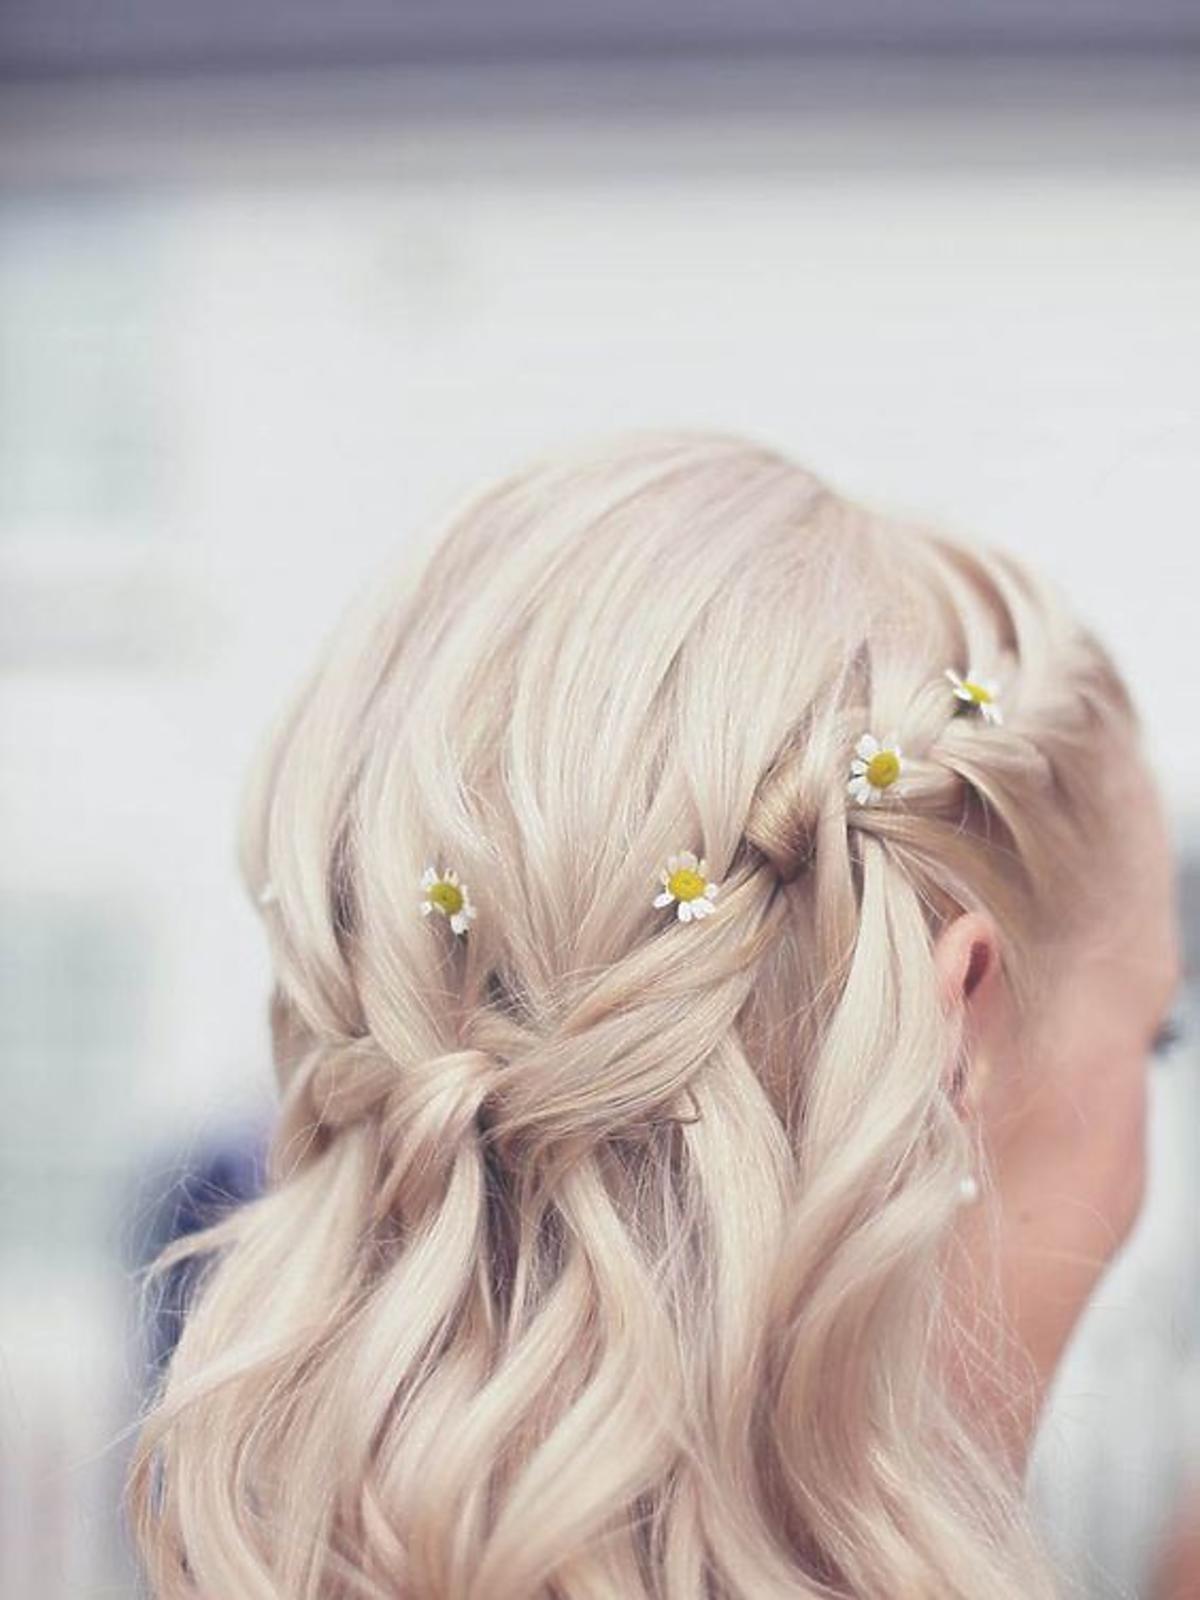 Daisy hair - fryzura ze stokrotkami we włosach